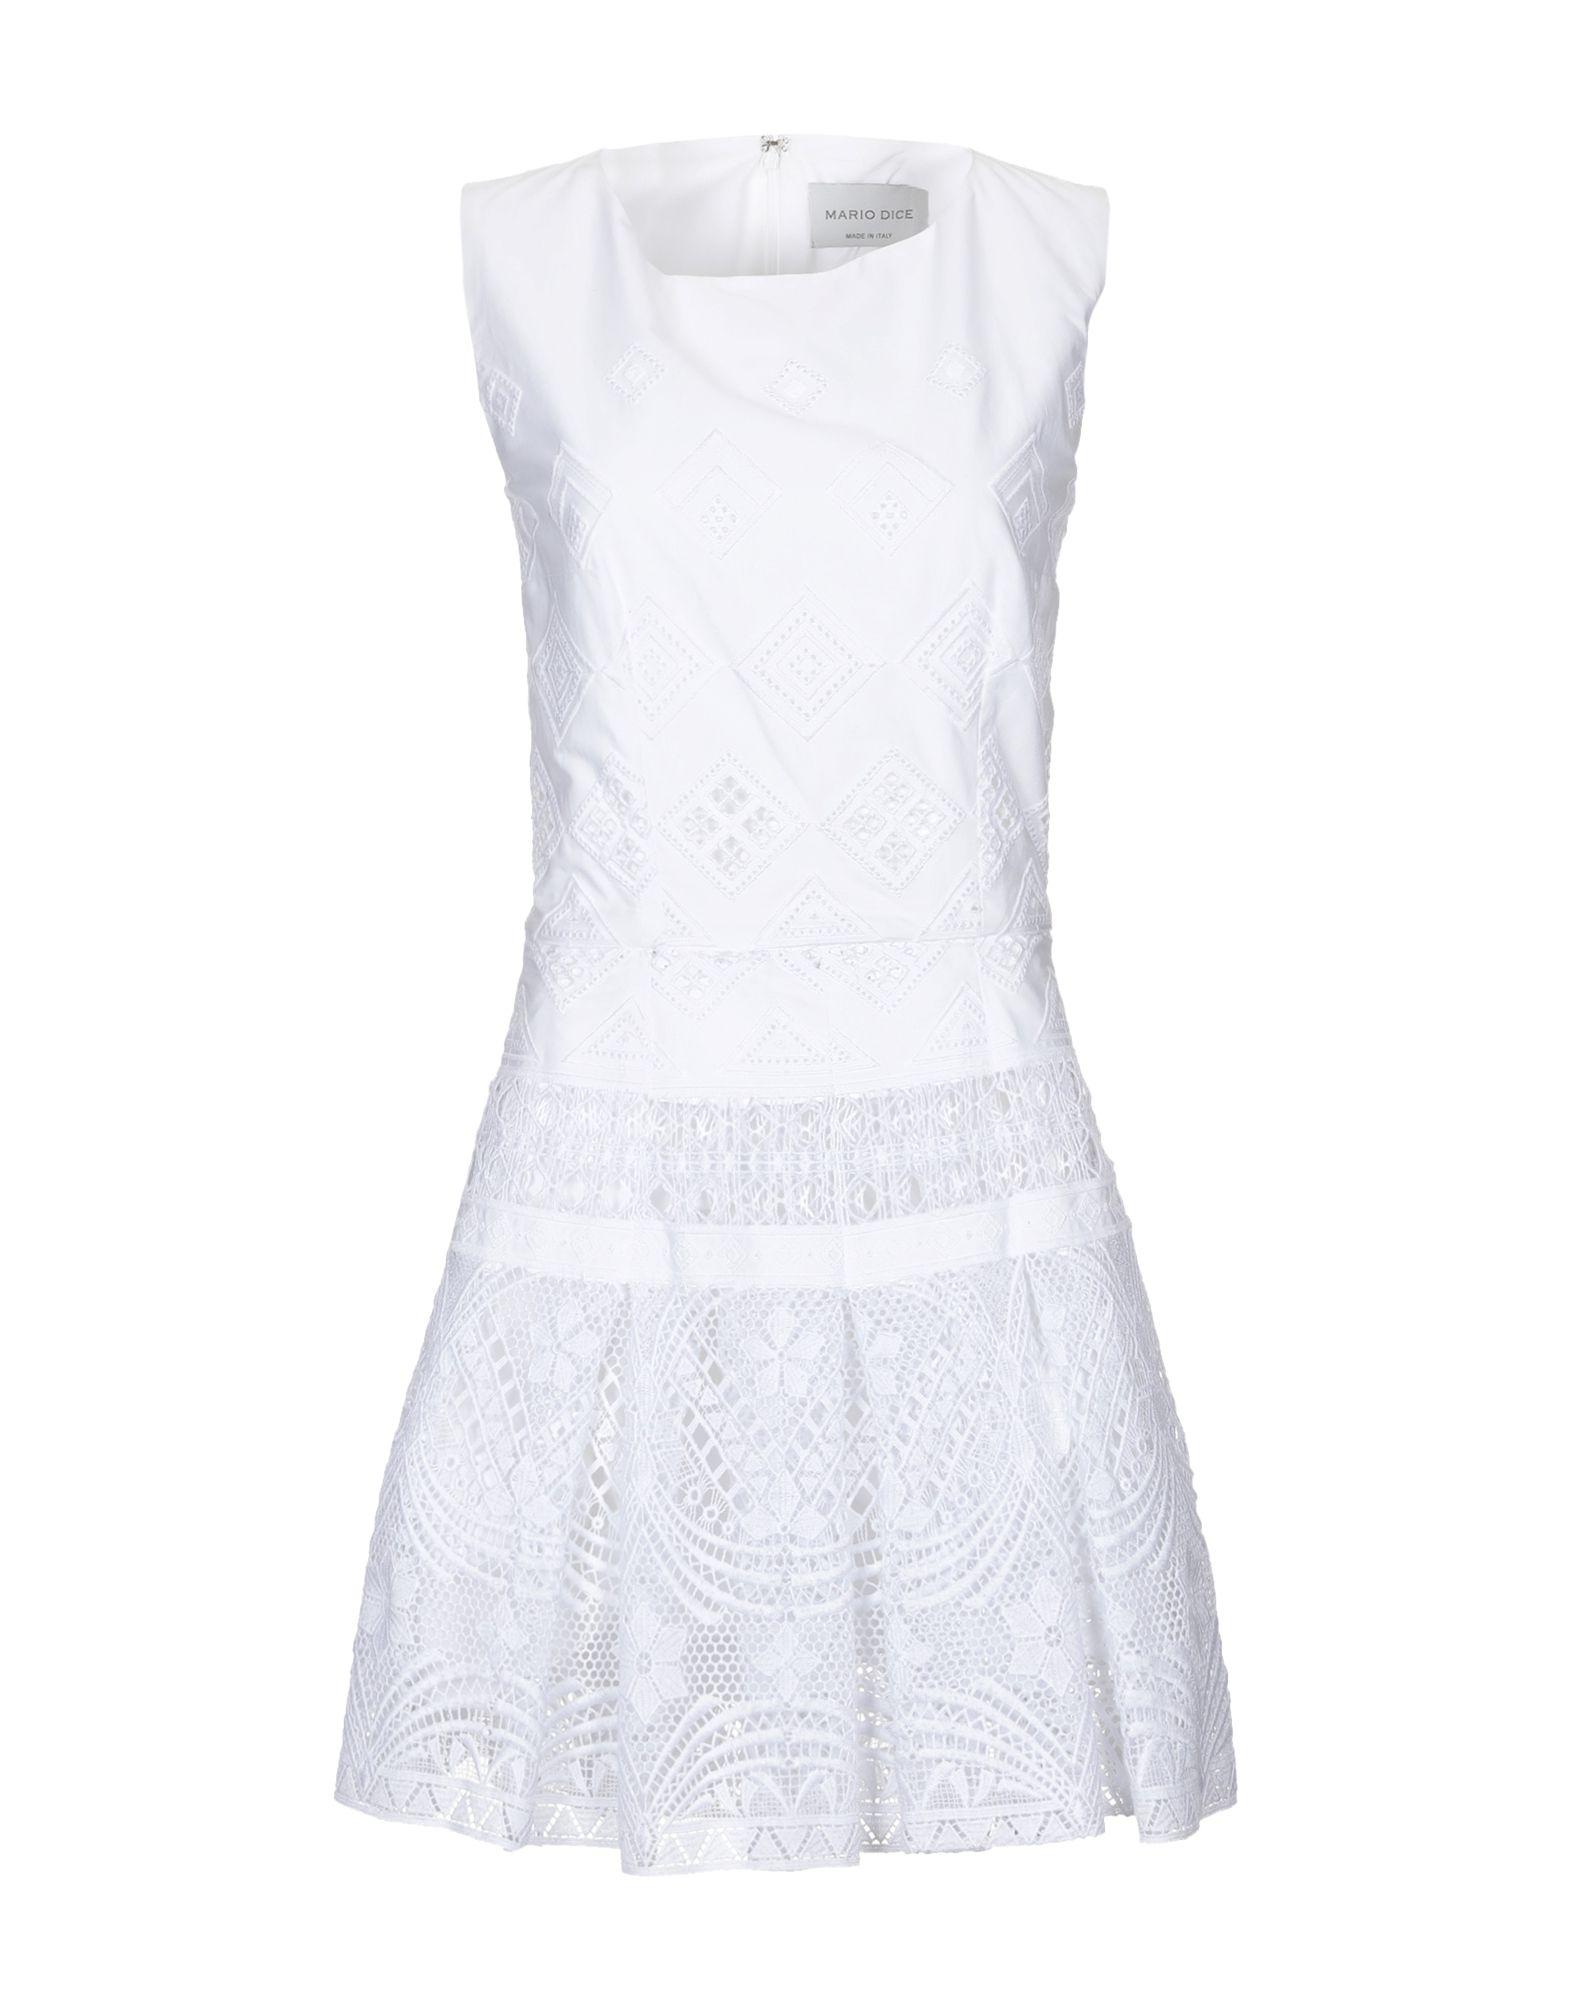 MARIO DICE Короткое платье mario dice повседневные брюки